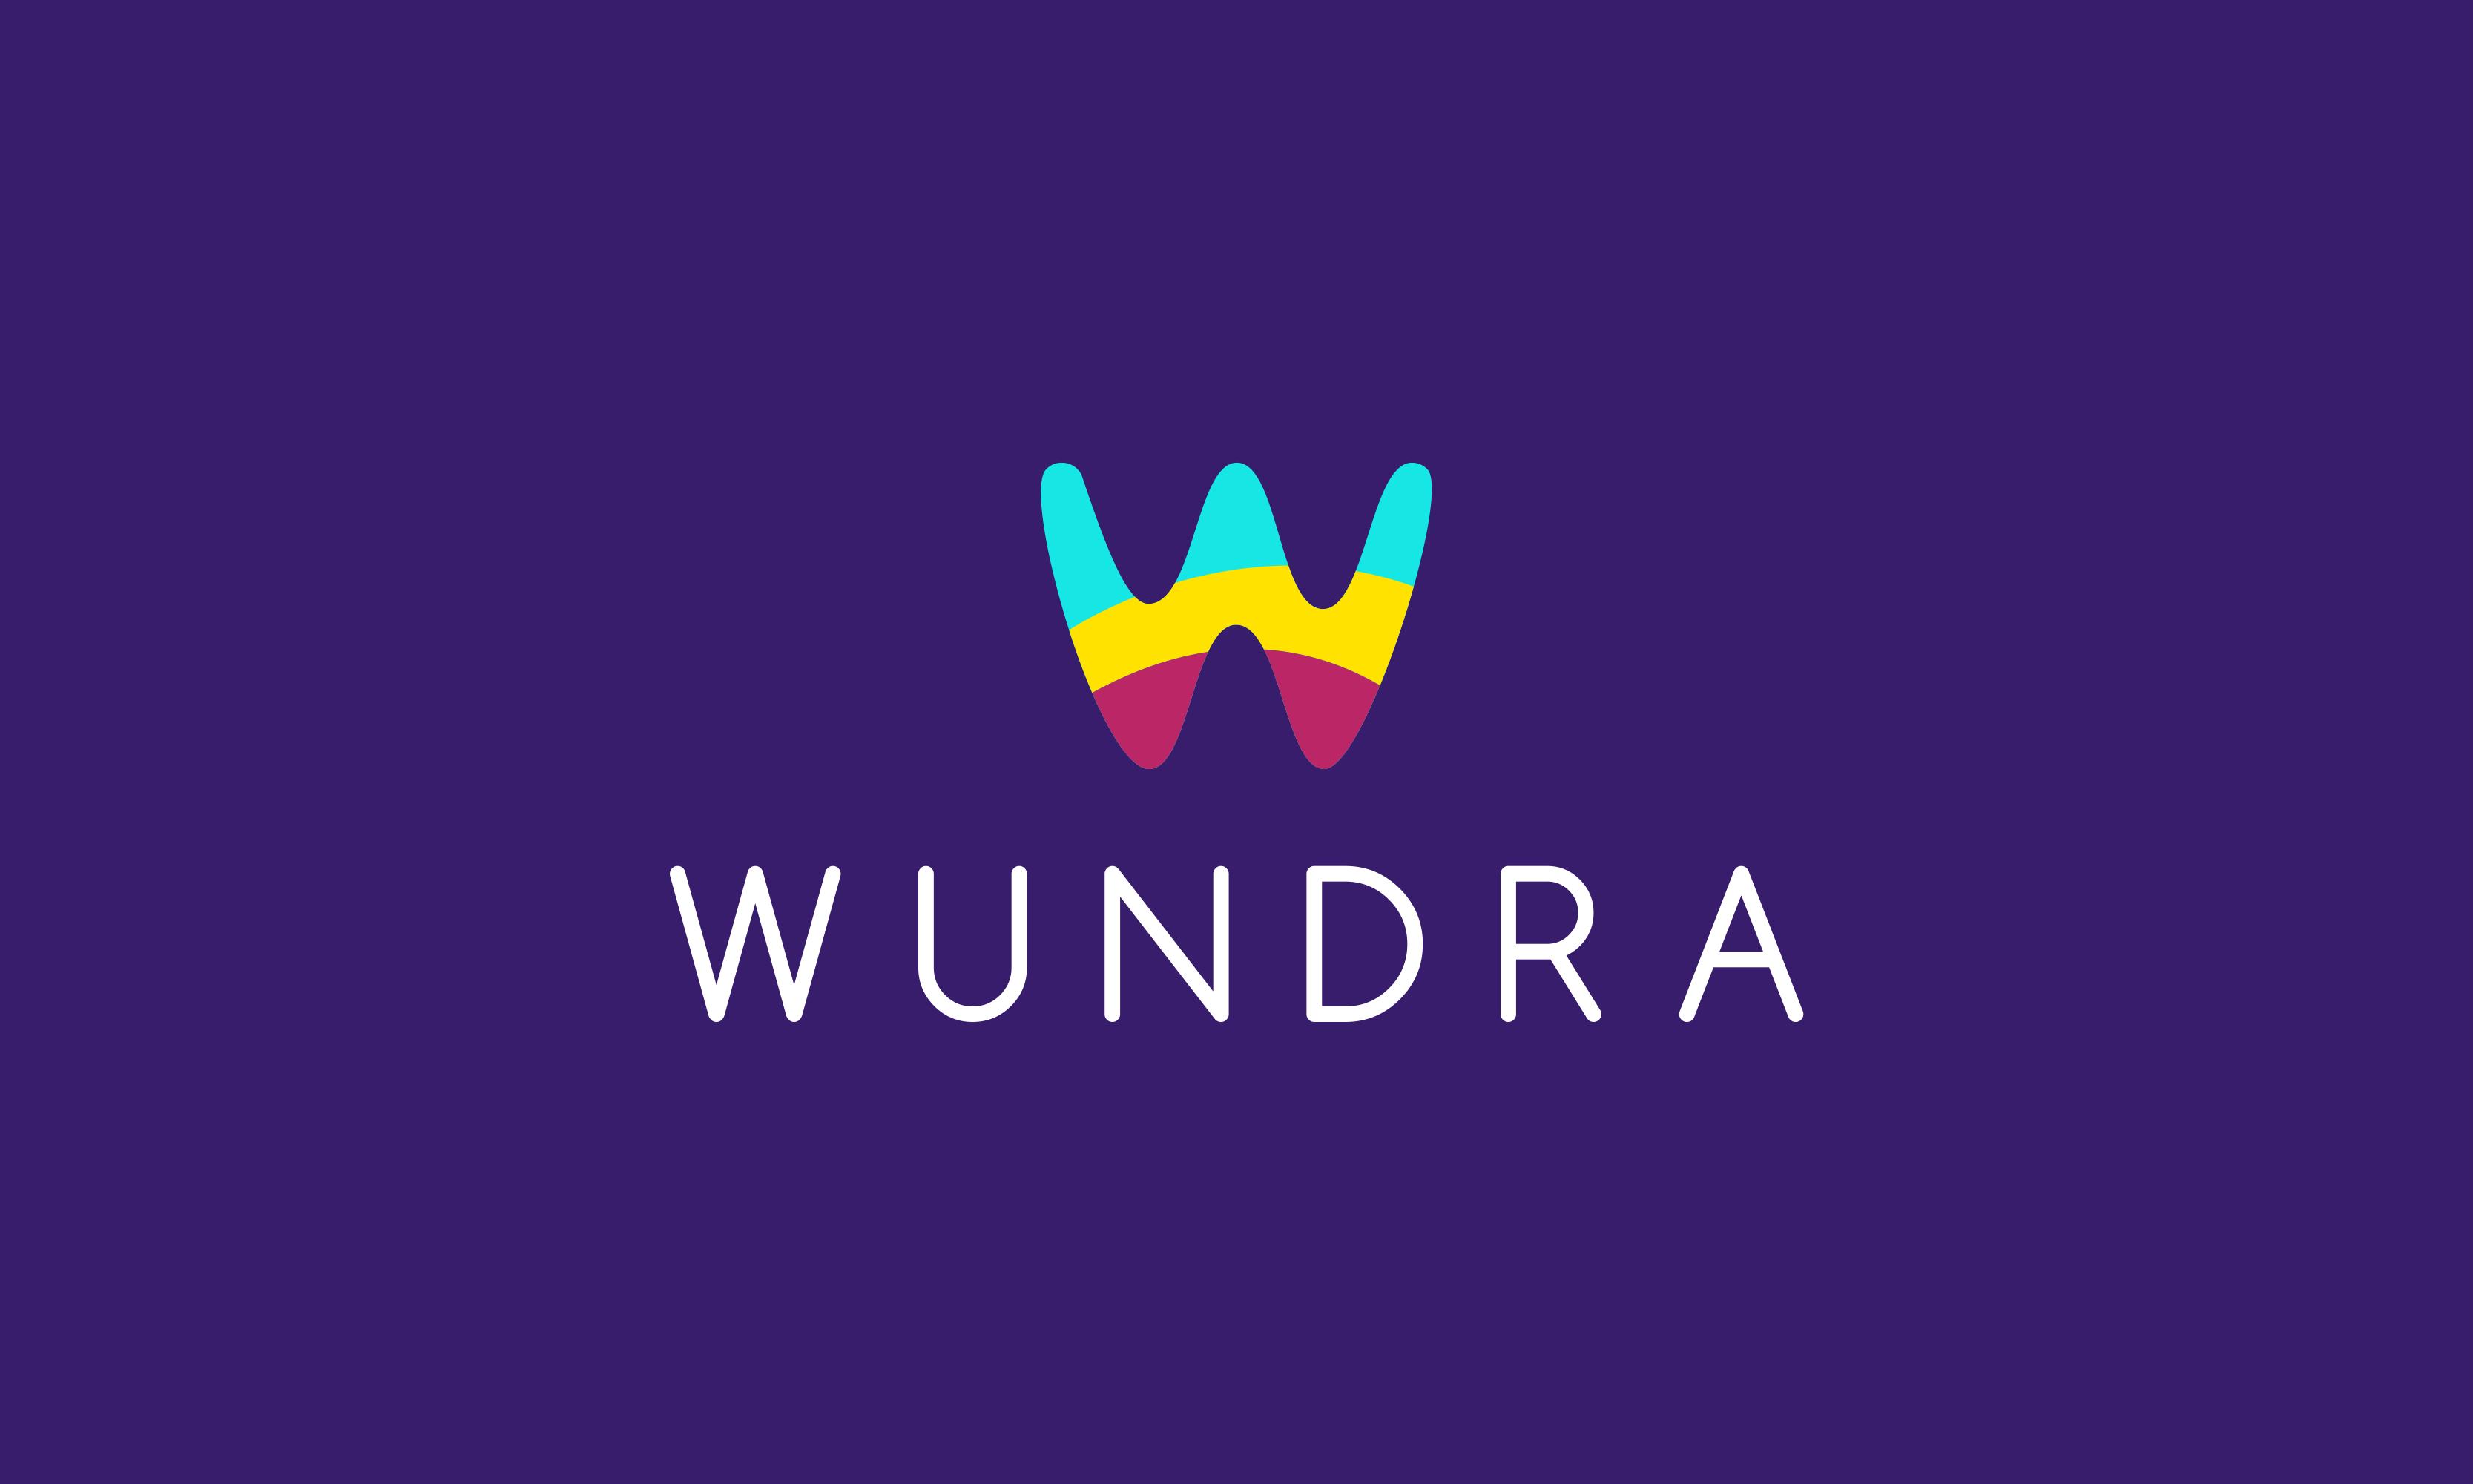 Wundra